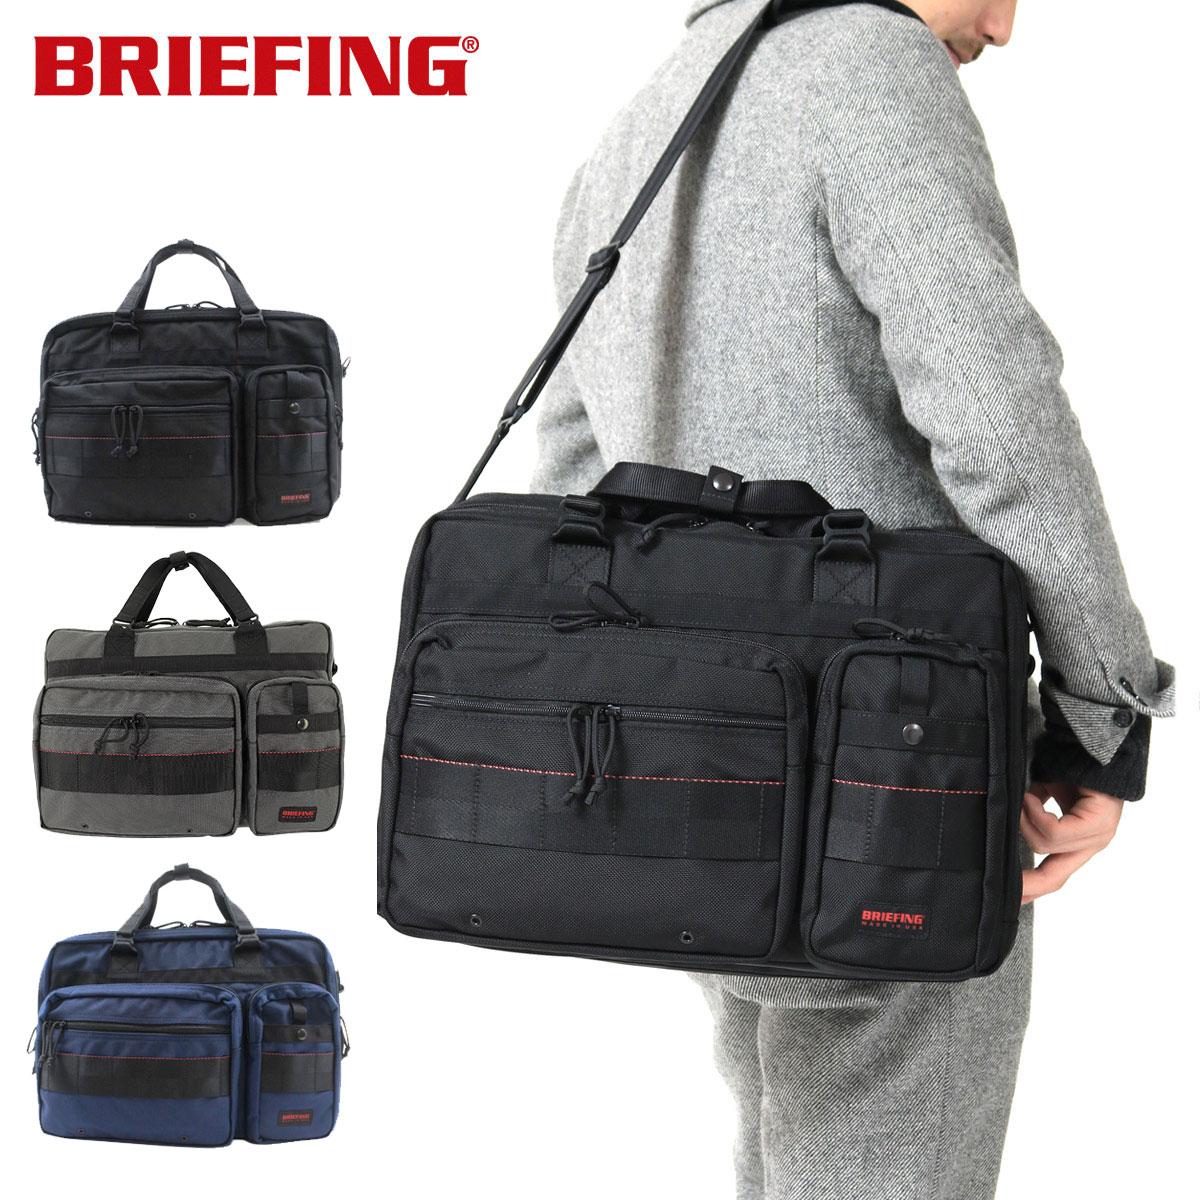 ブリーフィング ショルダーバッグ 2WAY メンズ USA オーバートリップ BRF117219 BRIEFING ビジネスバッグ B4 バリスティックナイロン [PO10][bef][即日発送]